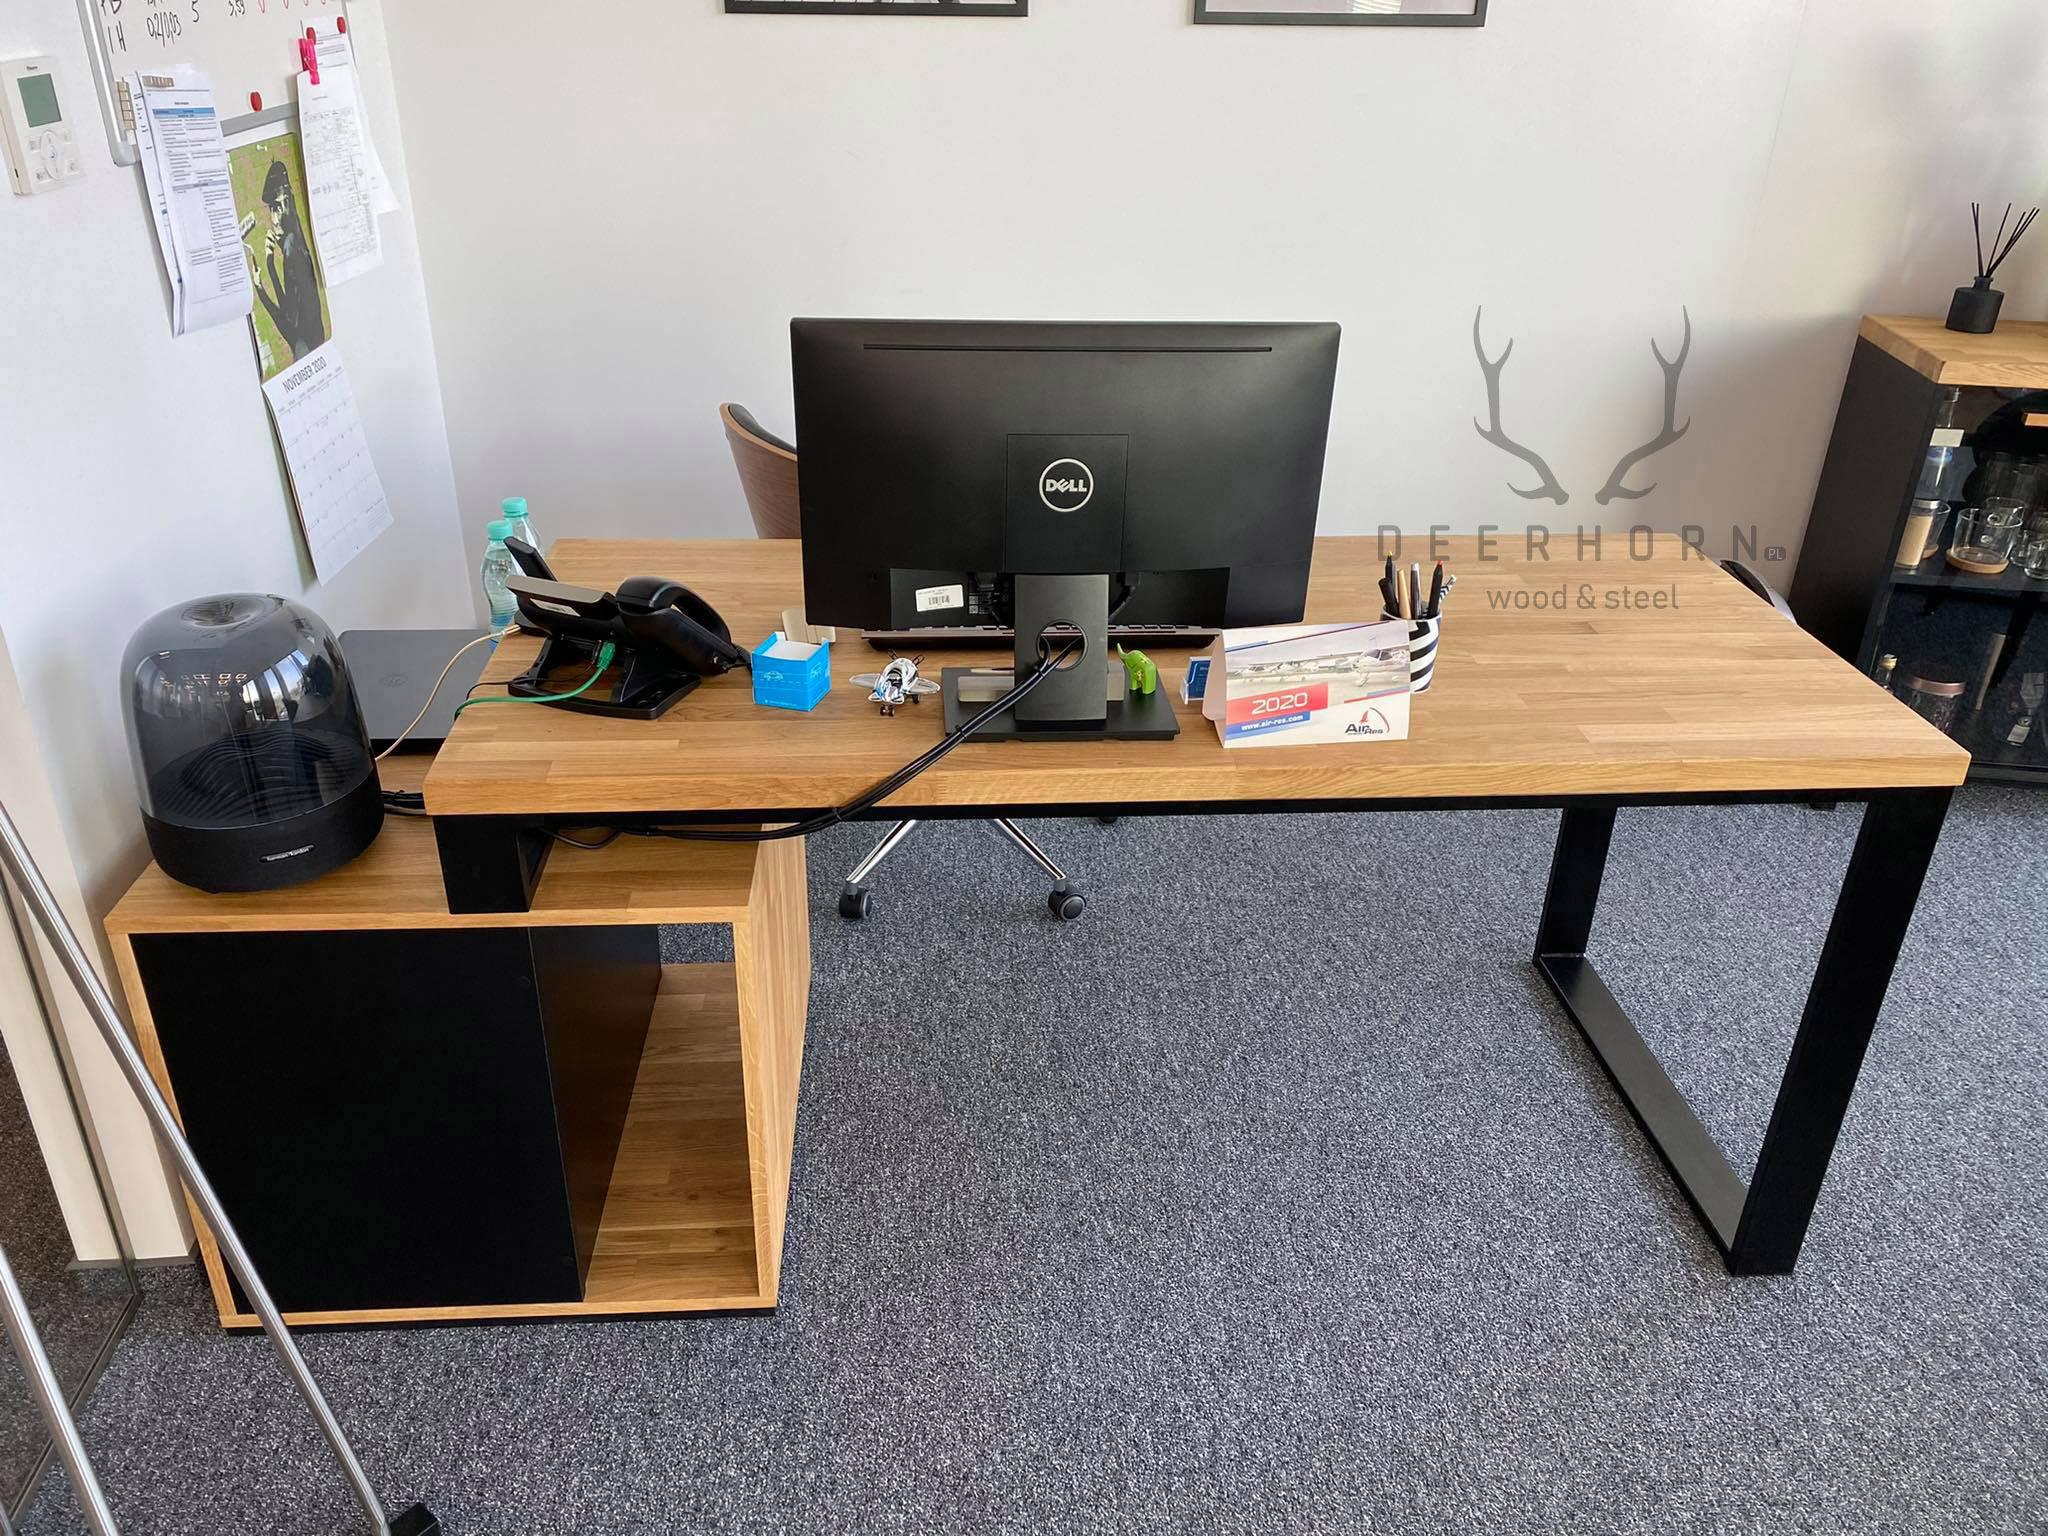 biurko zdrewnianym dębowym blatem